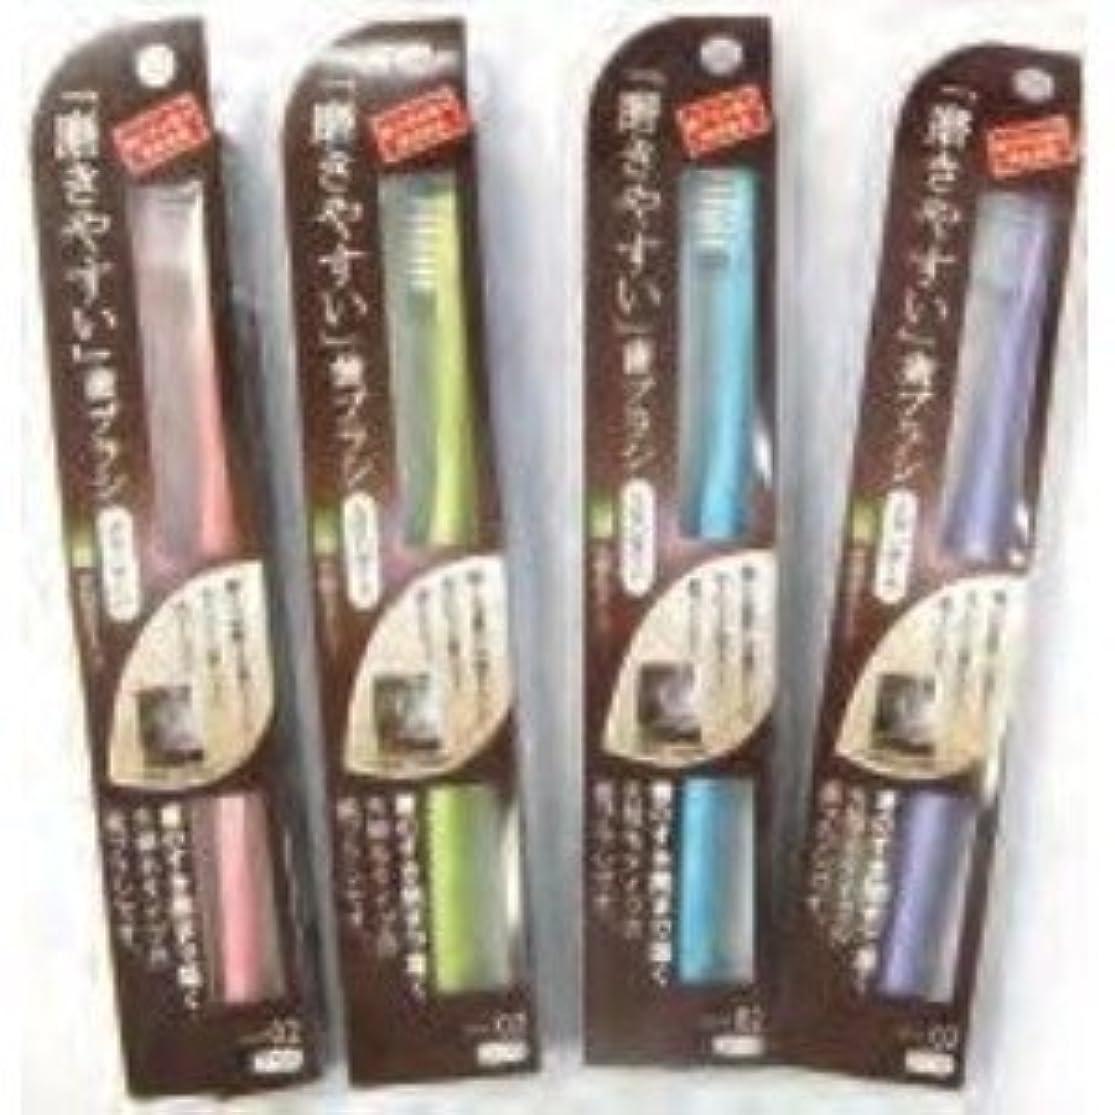 ボットシミュレートする決済「磨きやすい」歯ブラシ(毛先が細い) 色アソート【12個セット】 LT-02